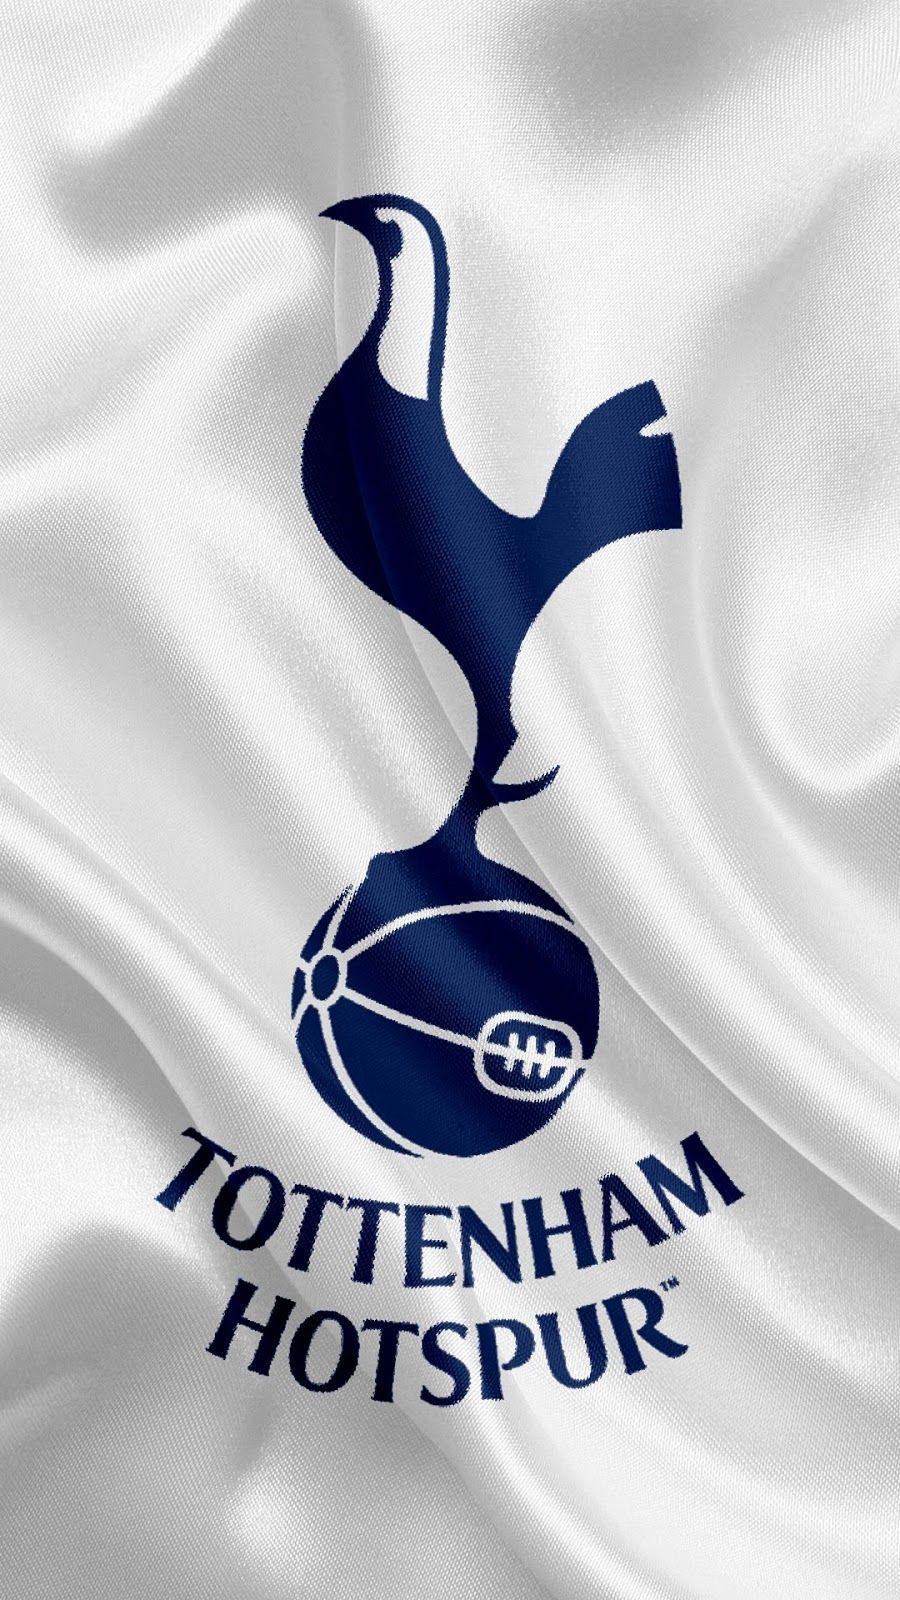 Tottenham Hotspur Iphone Wallpaper Tottenham Hotspur Tottenham Hotspur Players Tottenham Football